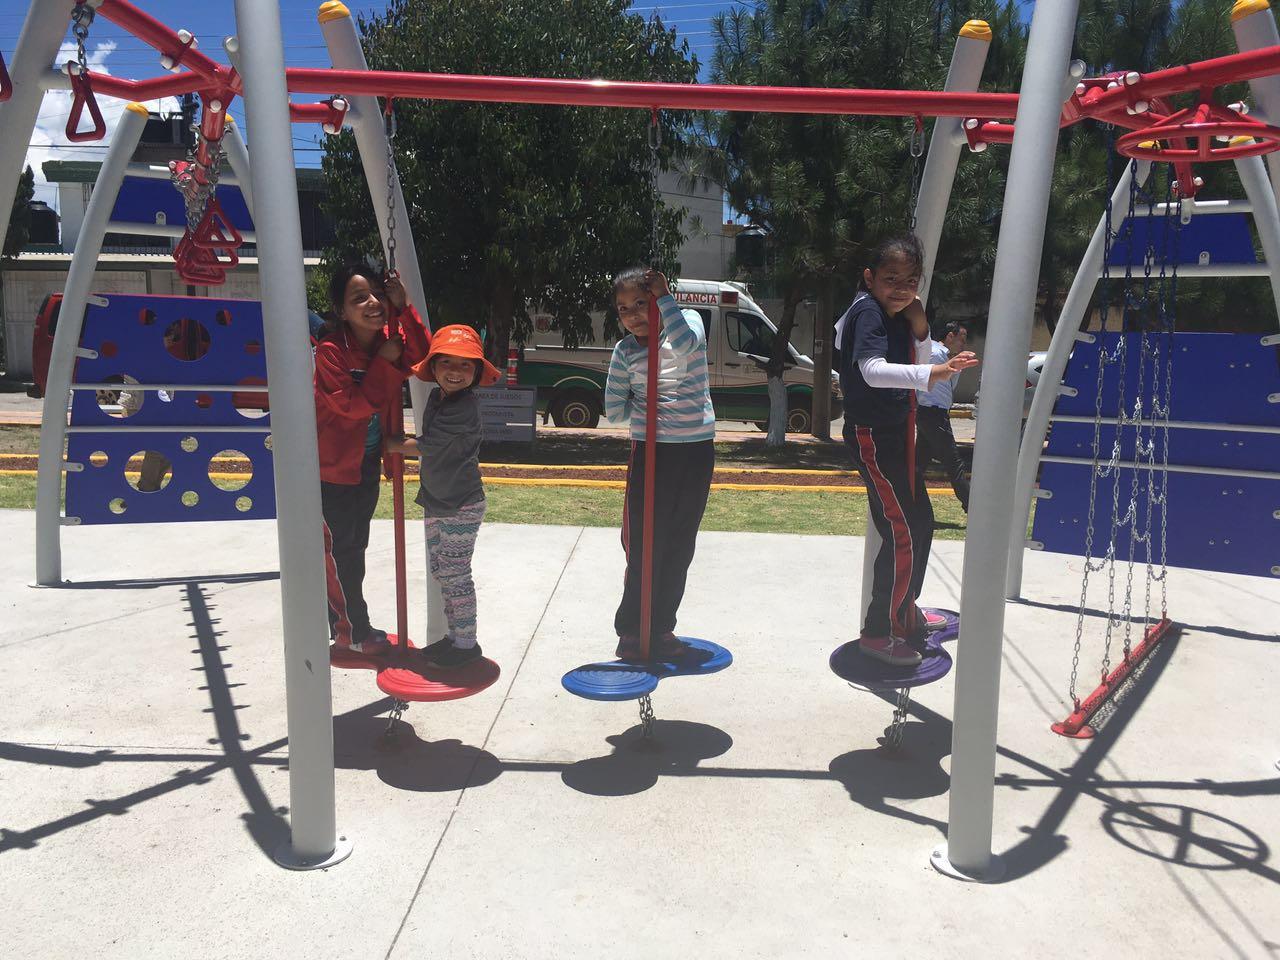 Los parques públicos remodelados y limpios con niños jugando.